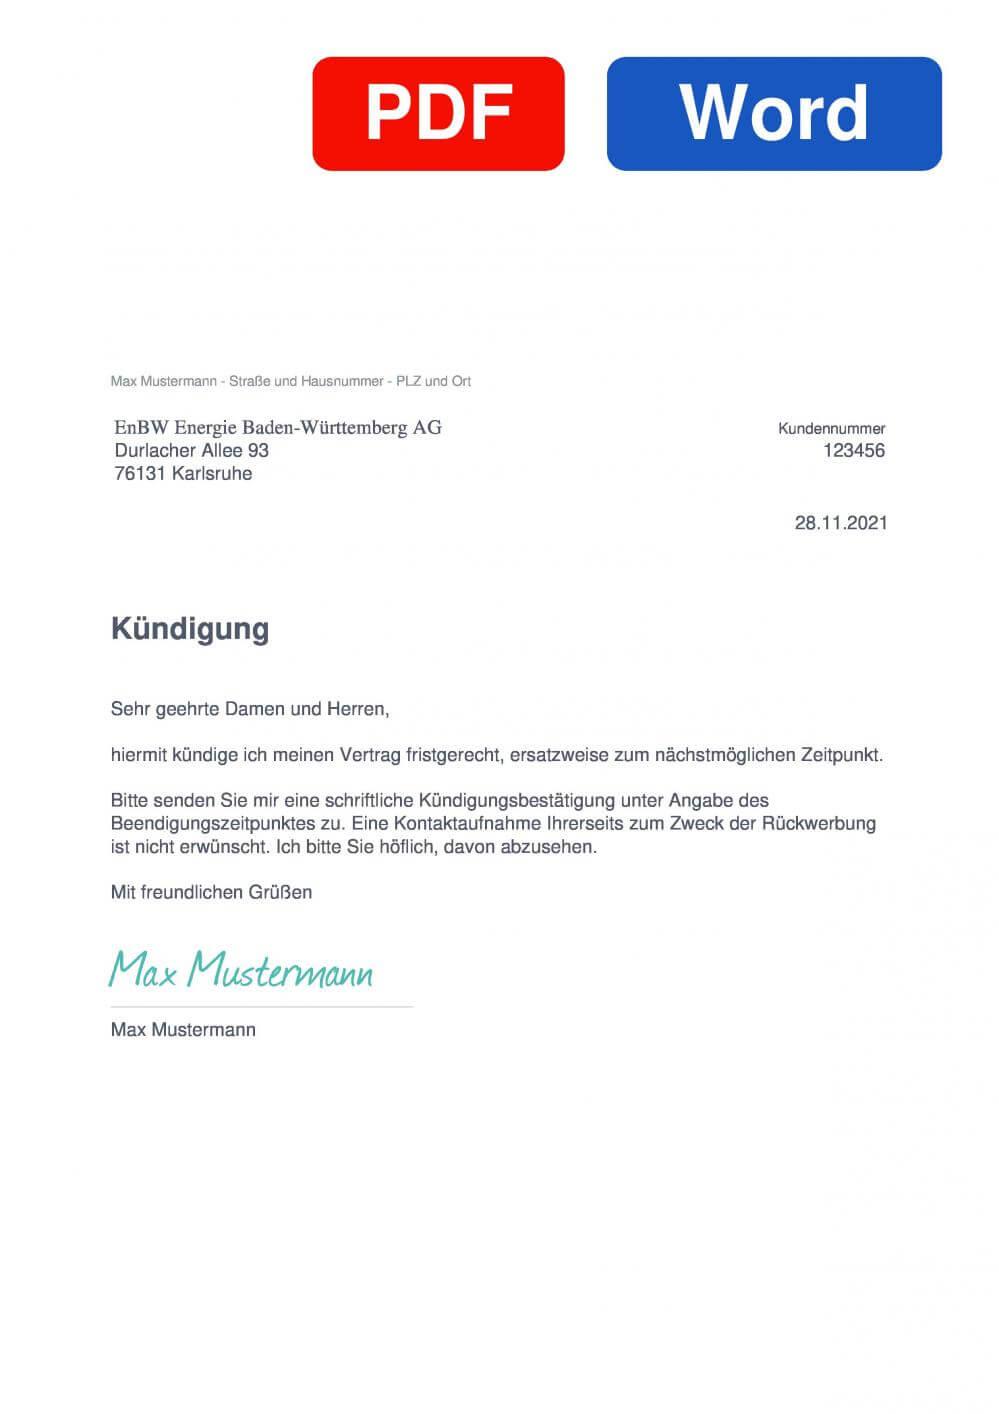 EnBW Muster Vorlage für Kündigungsschreiben